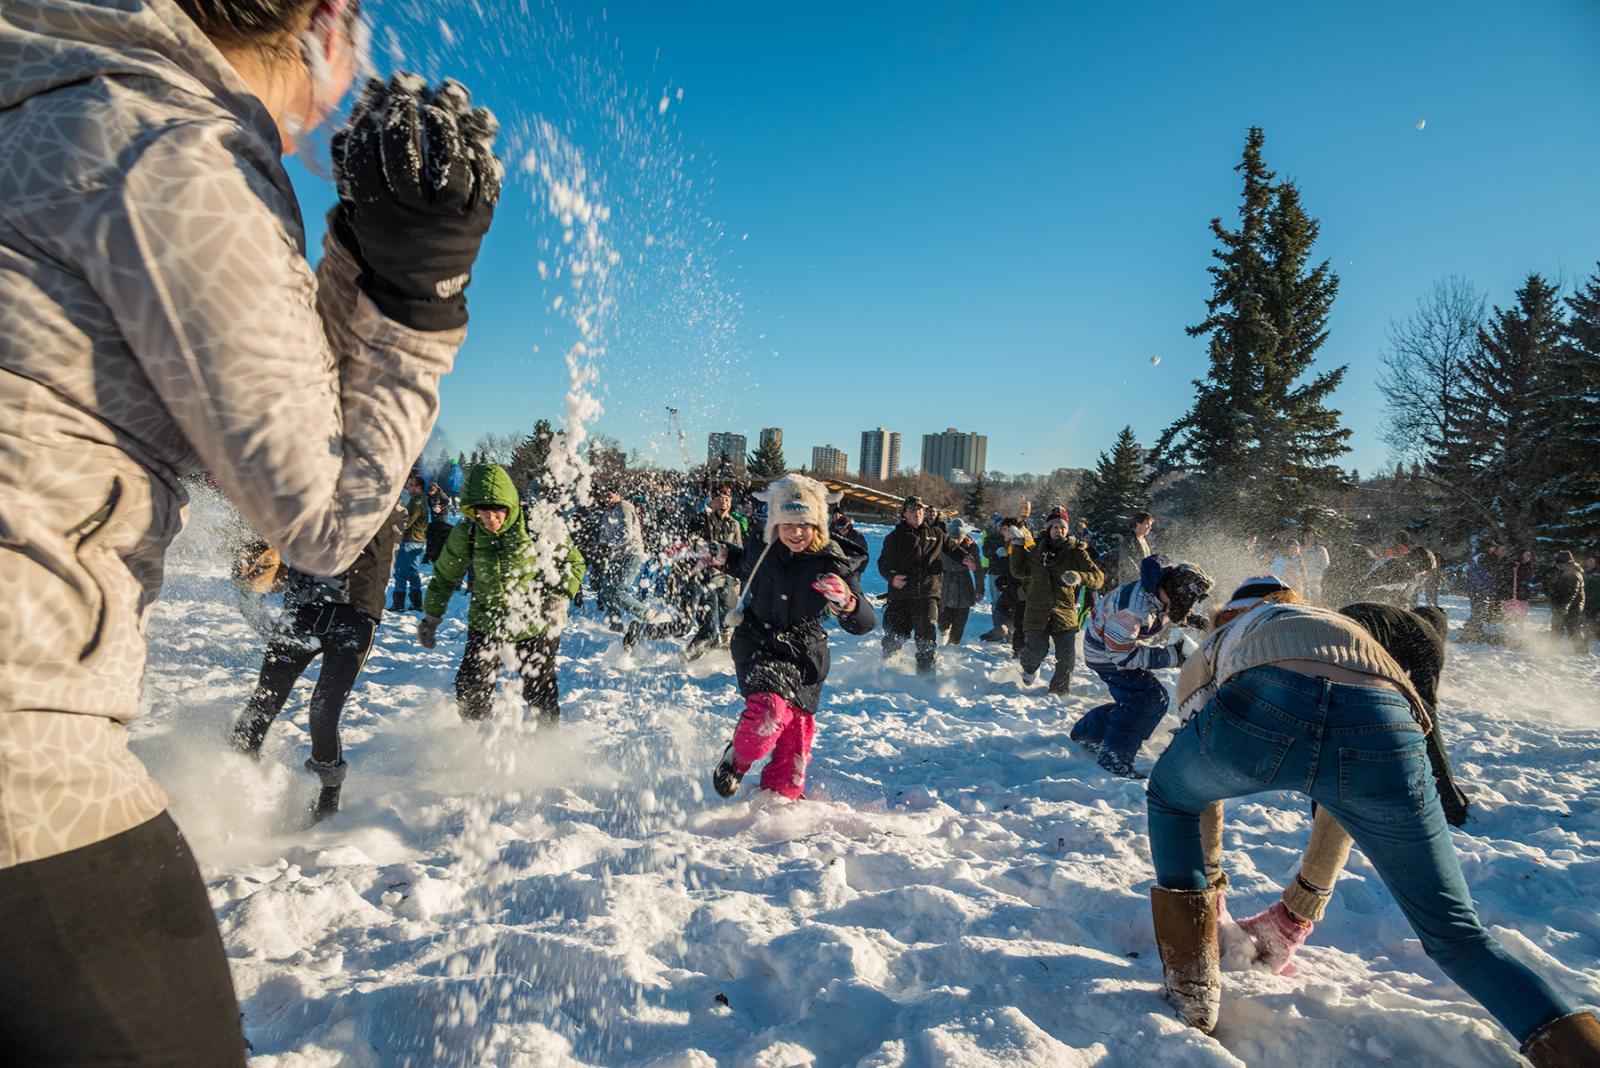 Canadese winterbestemmingen Edmonton & Jasper organiseren morgen een sneeuwballengevecht in Rotterdam